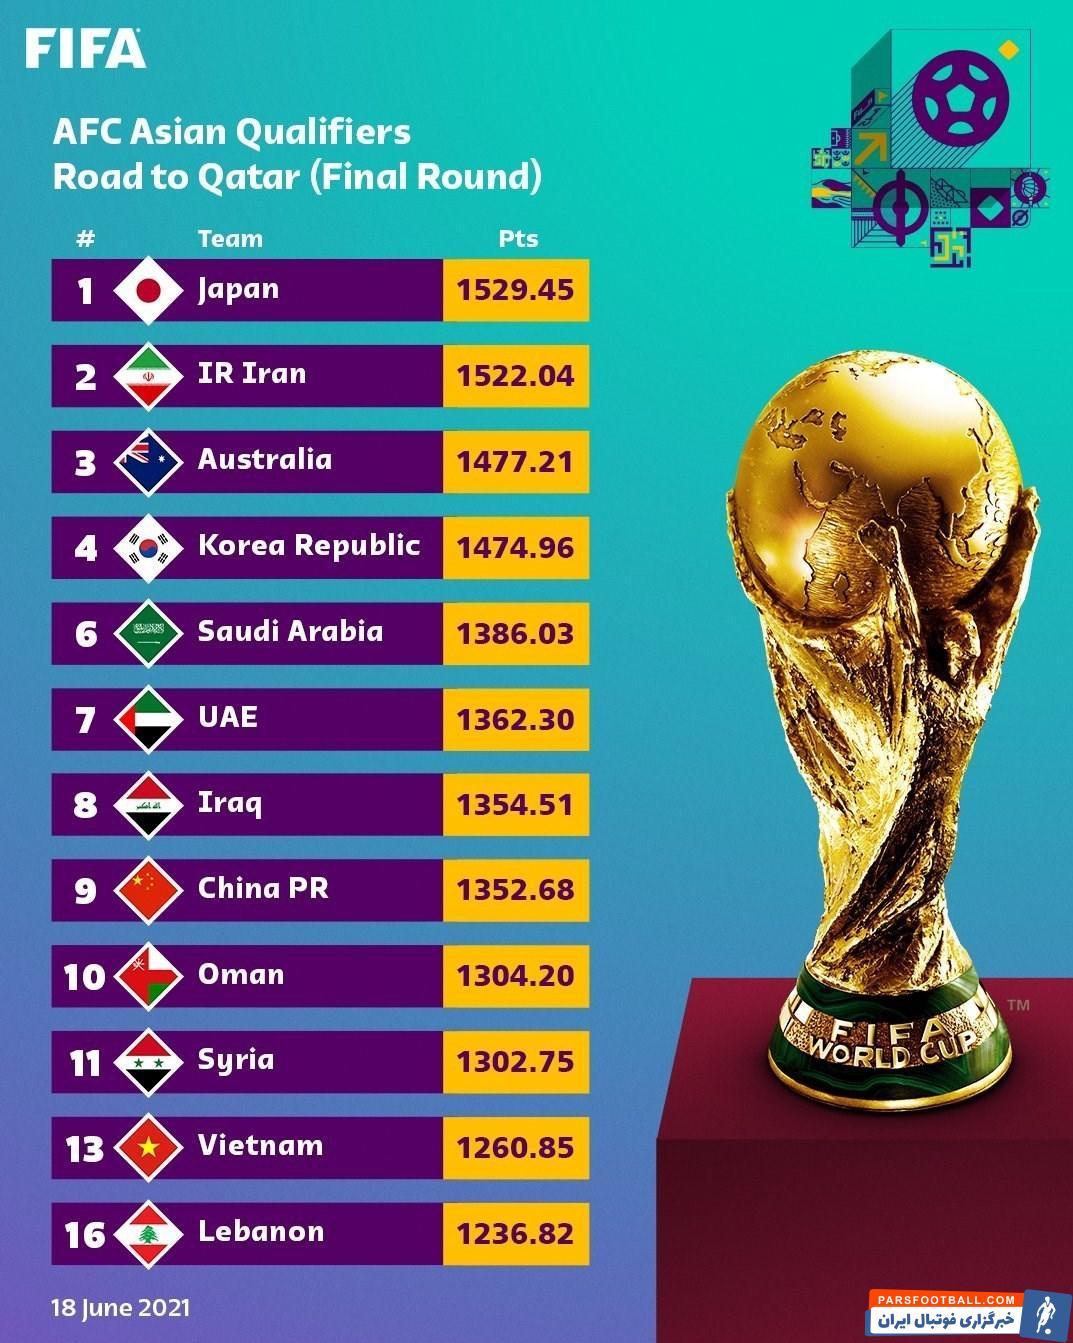 سیدبندی مقدماتی جام جهانی 2022 قطر از نگاه رسمی فیفا